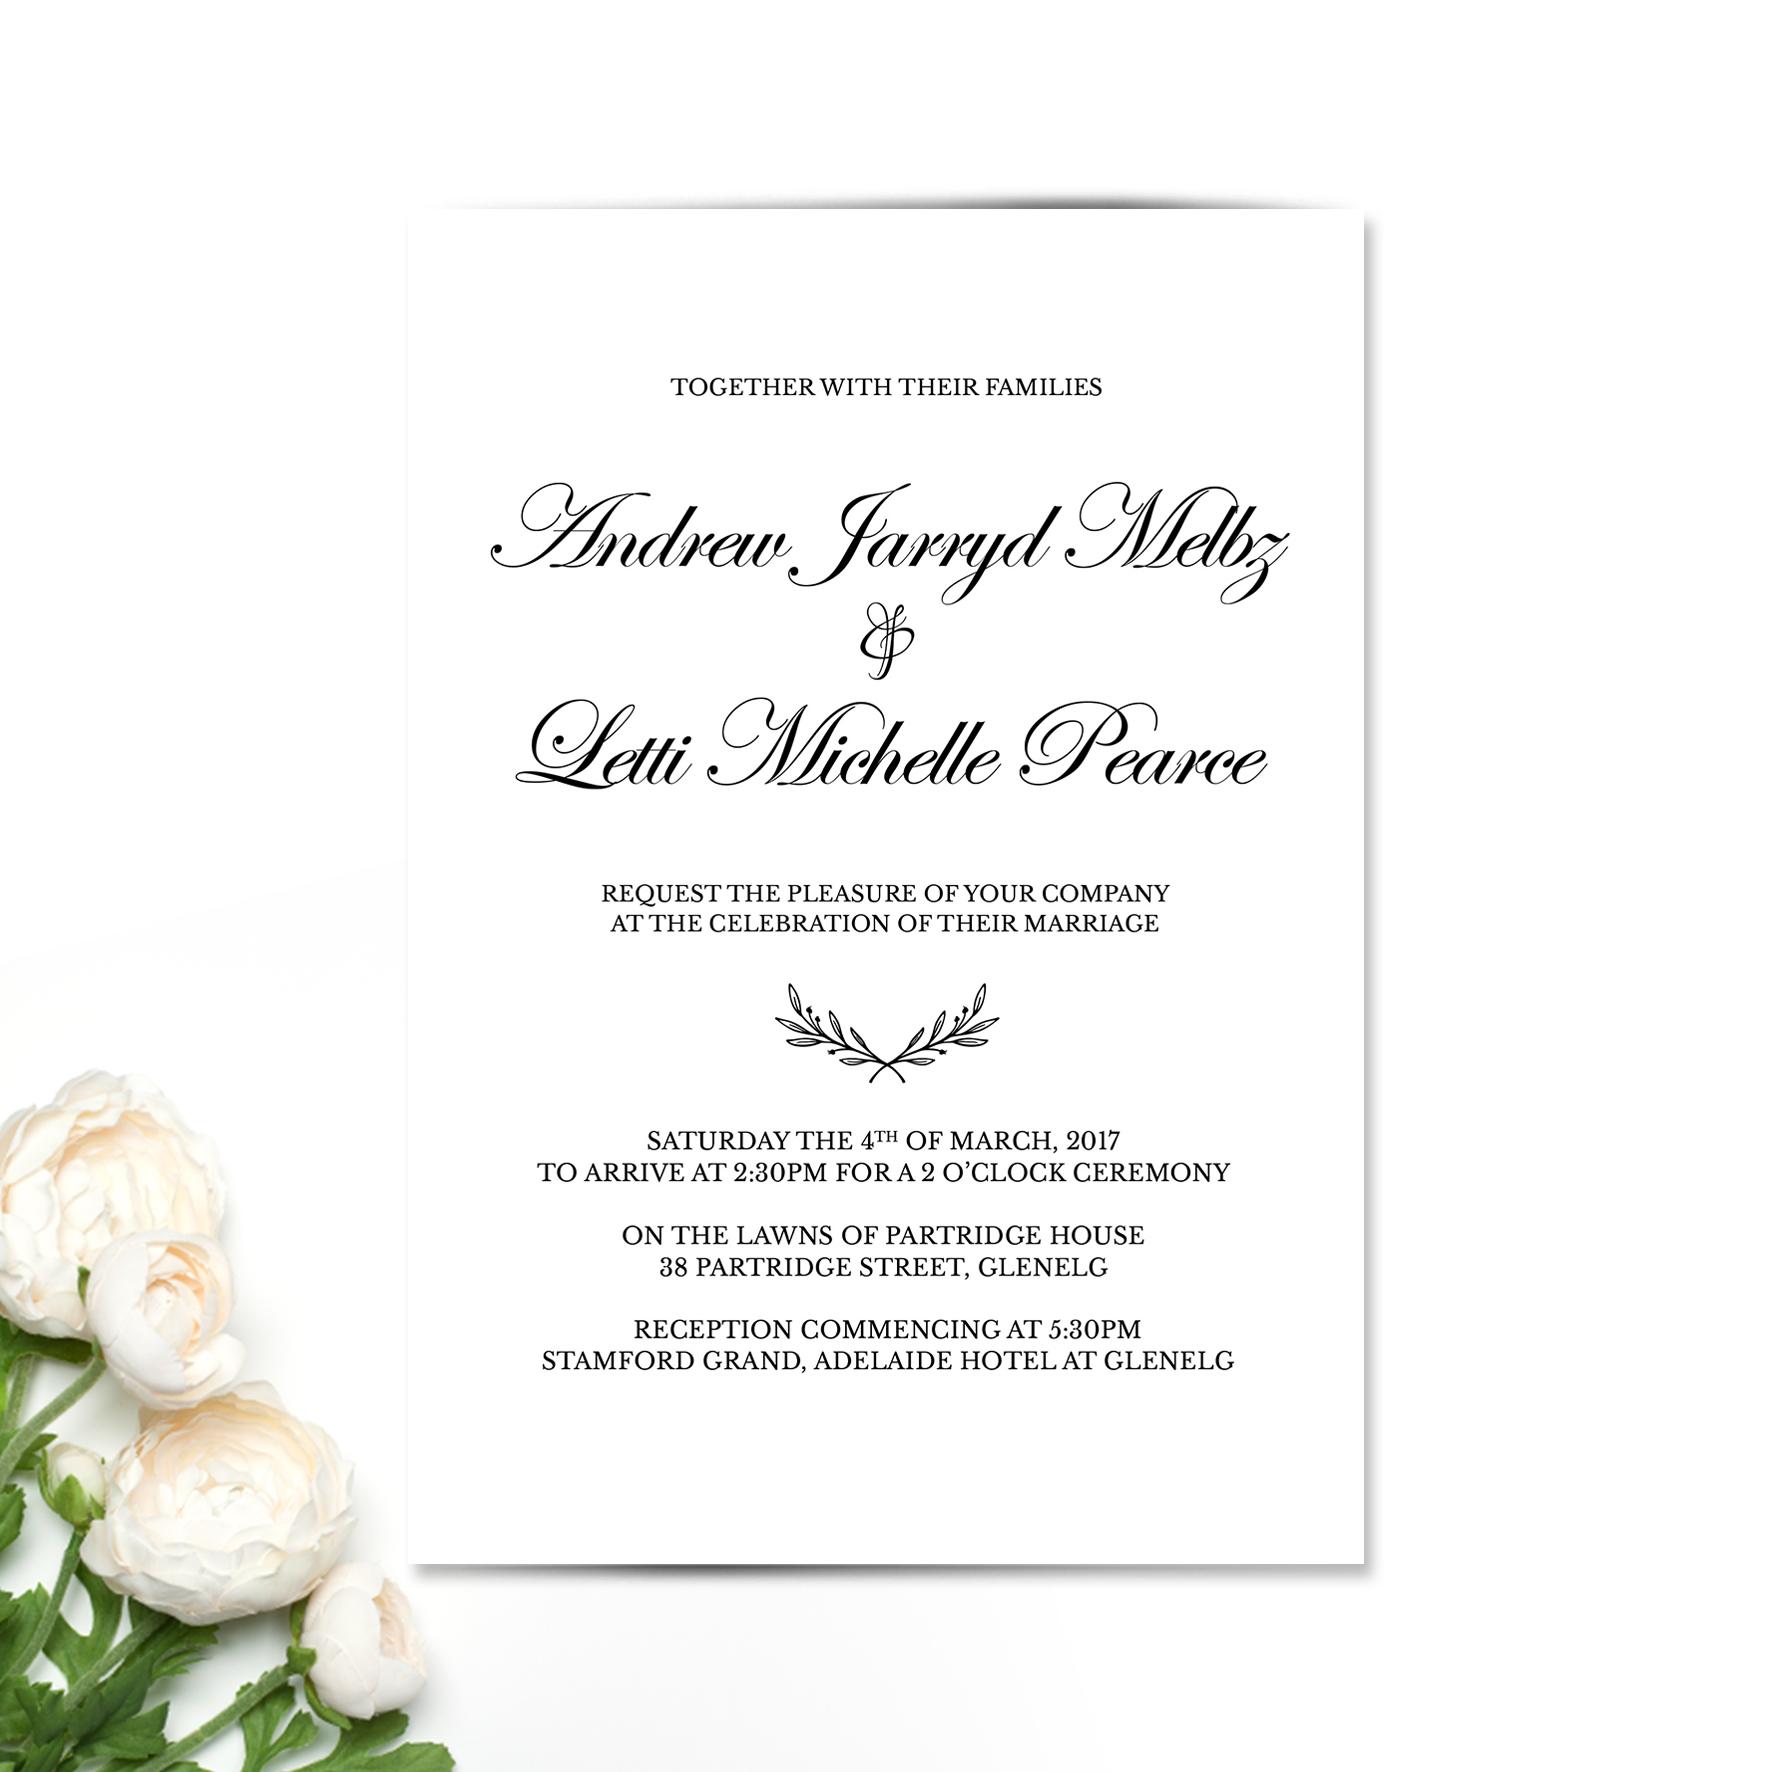 Letti + Andrew Wedding Invitation